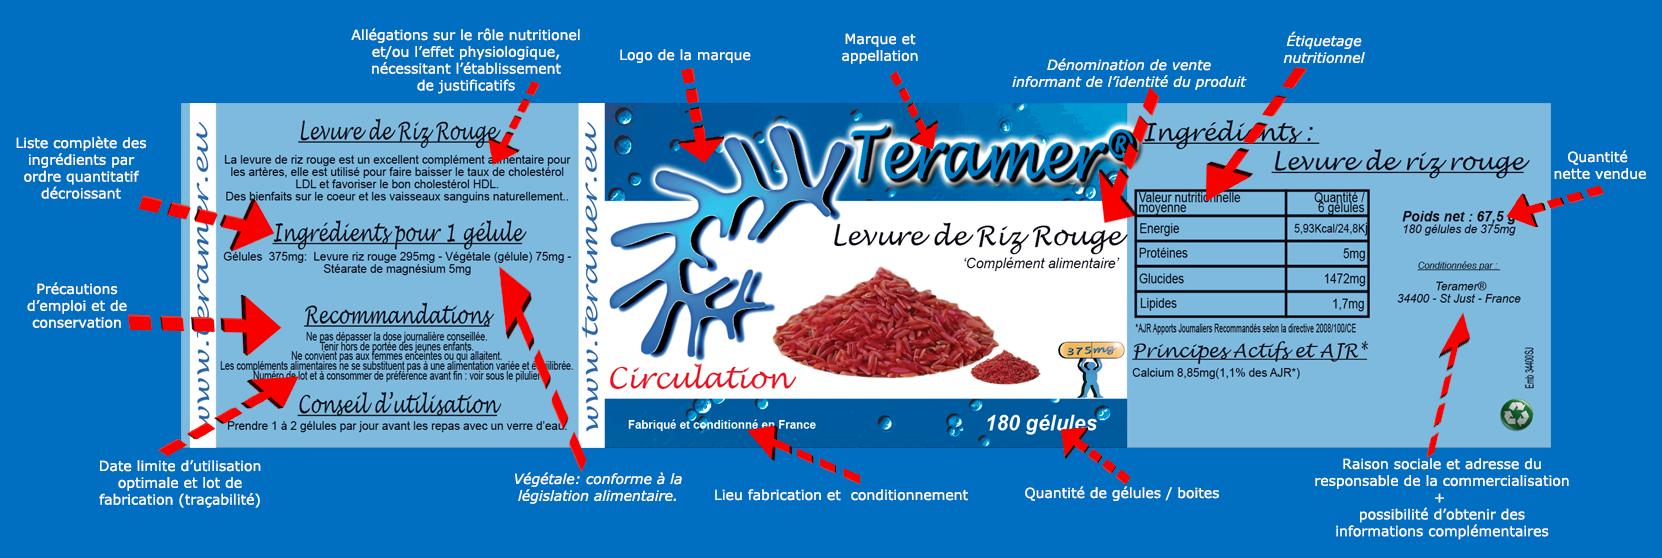 Levure de riz rouge les garanties d'un compléments alimentaires